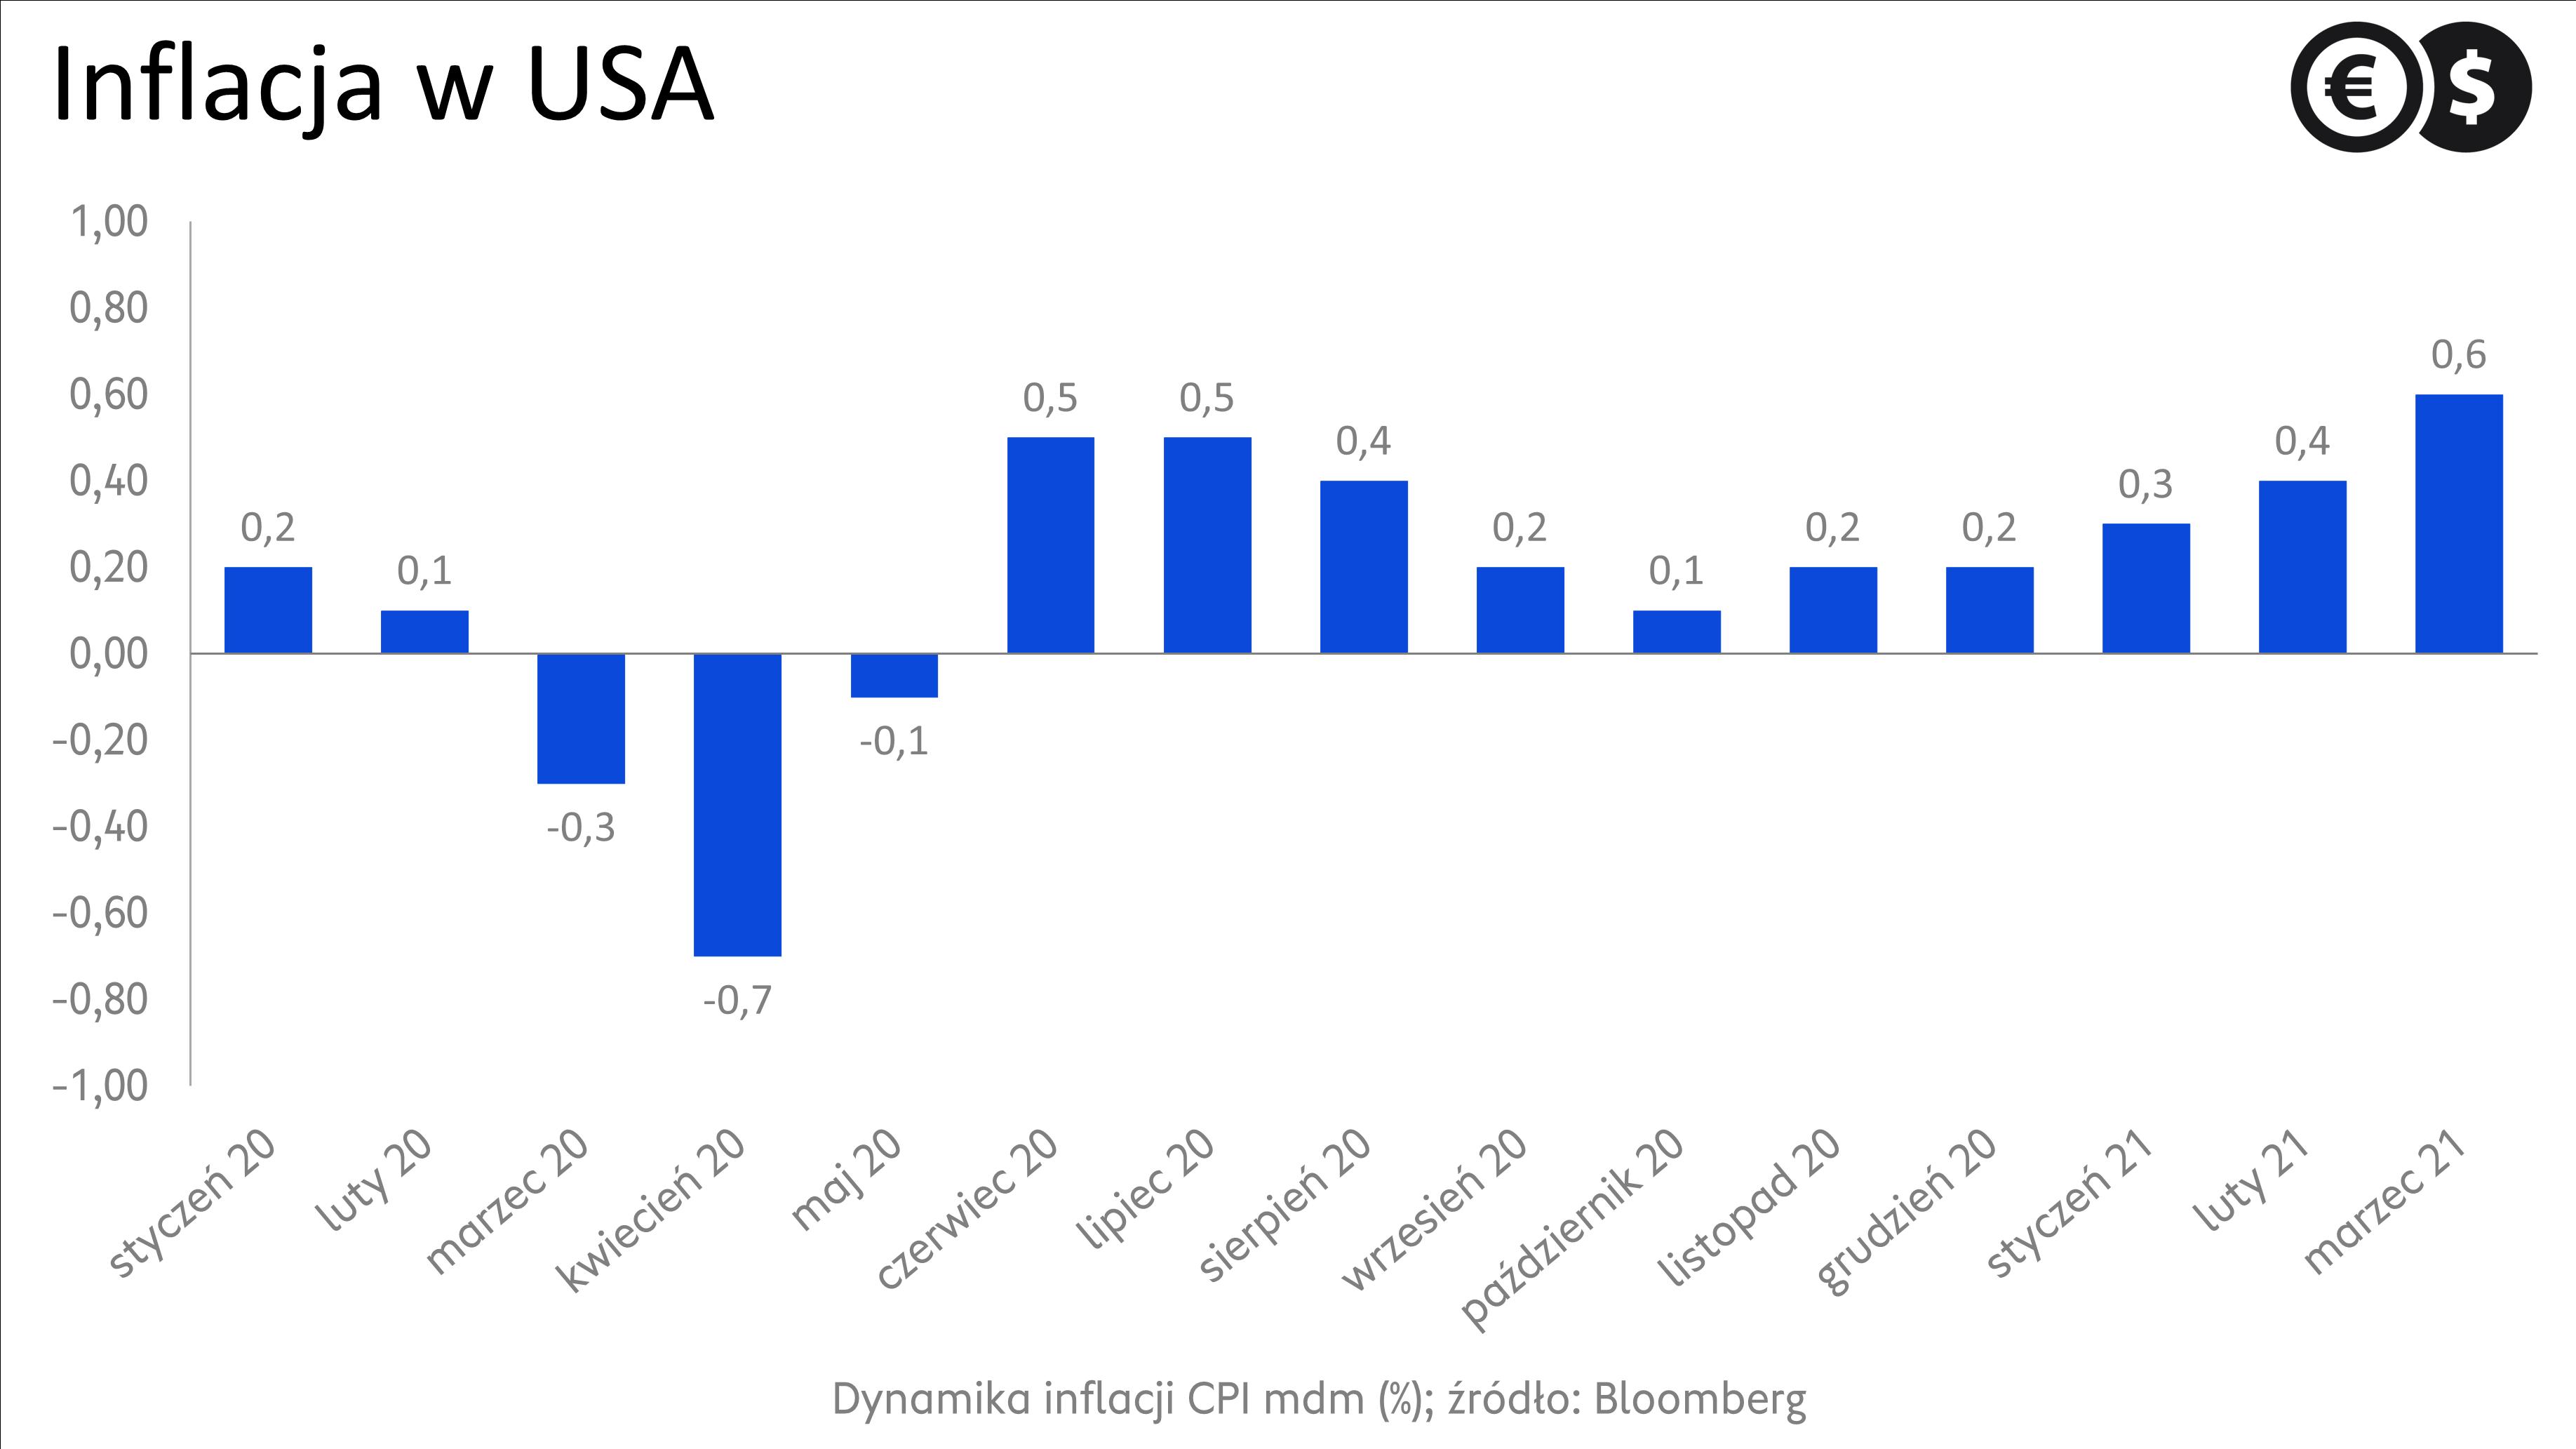 Inflacja w USA